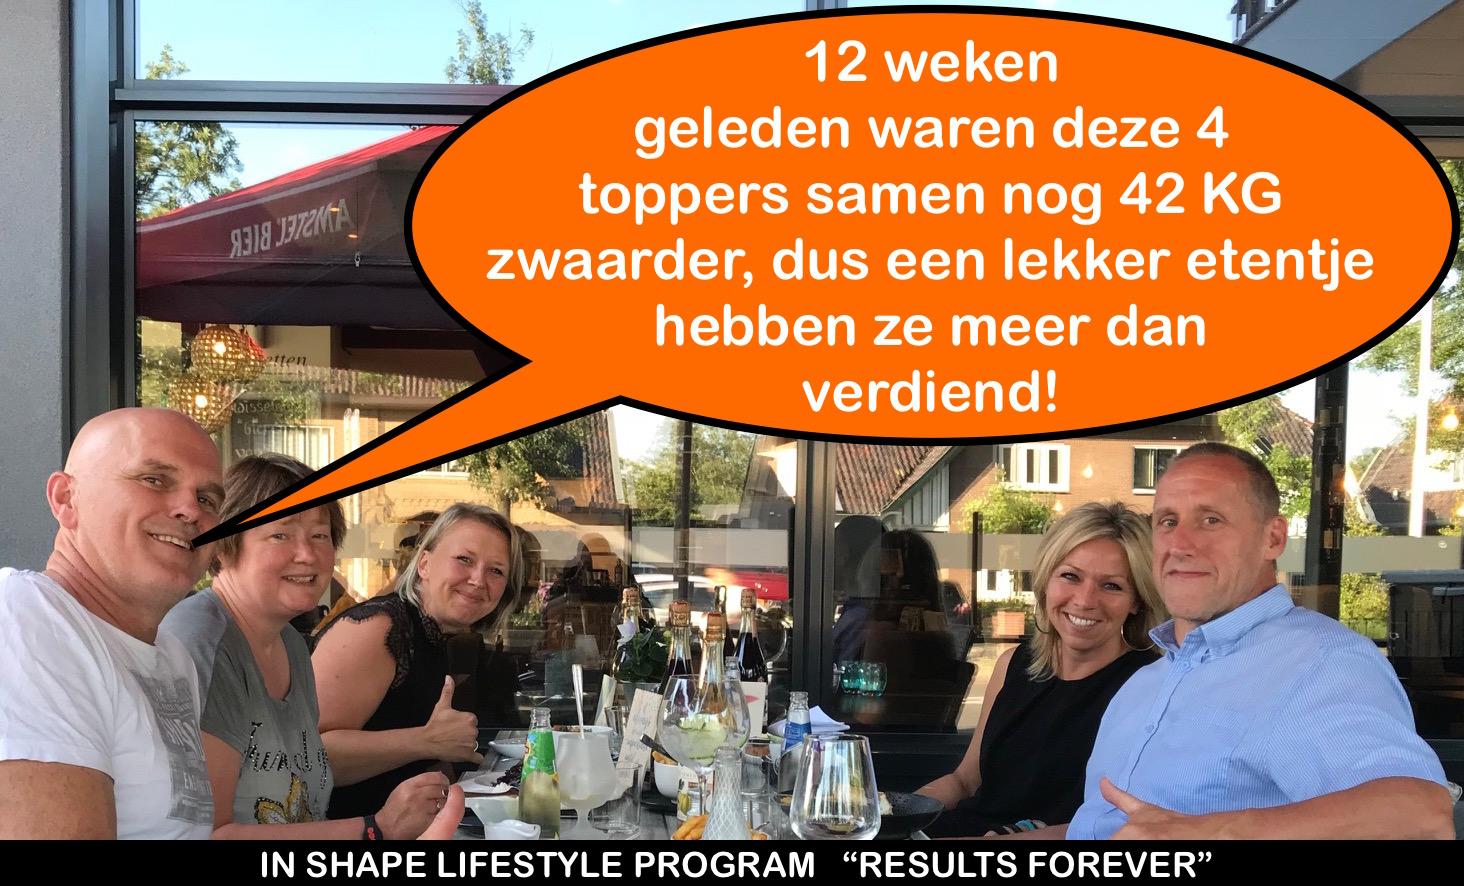 news1-img3